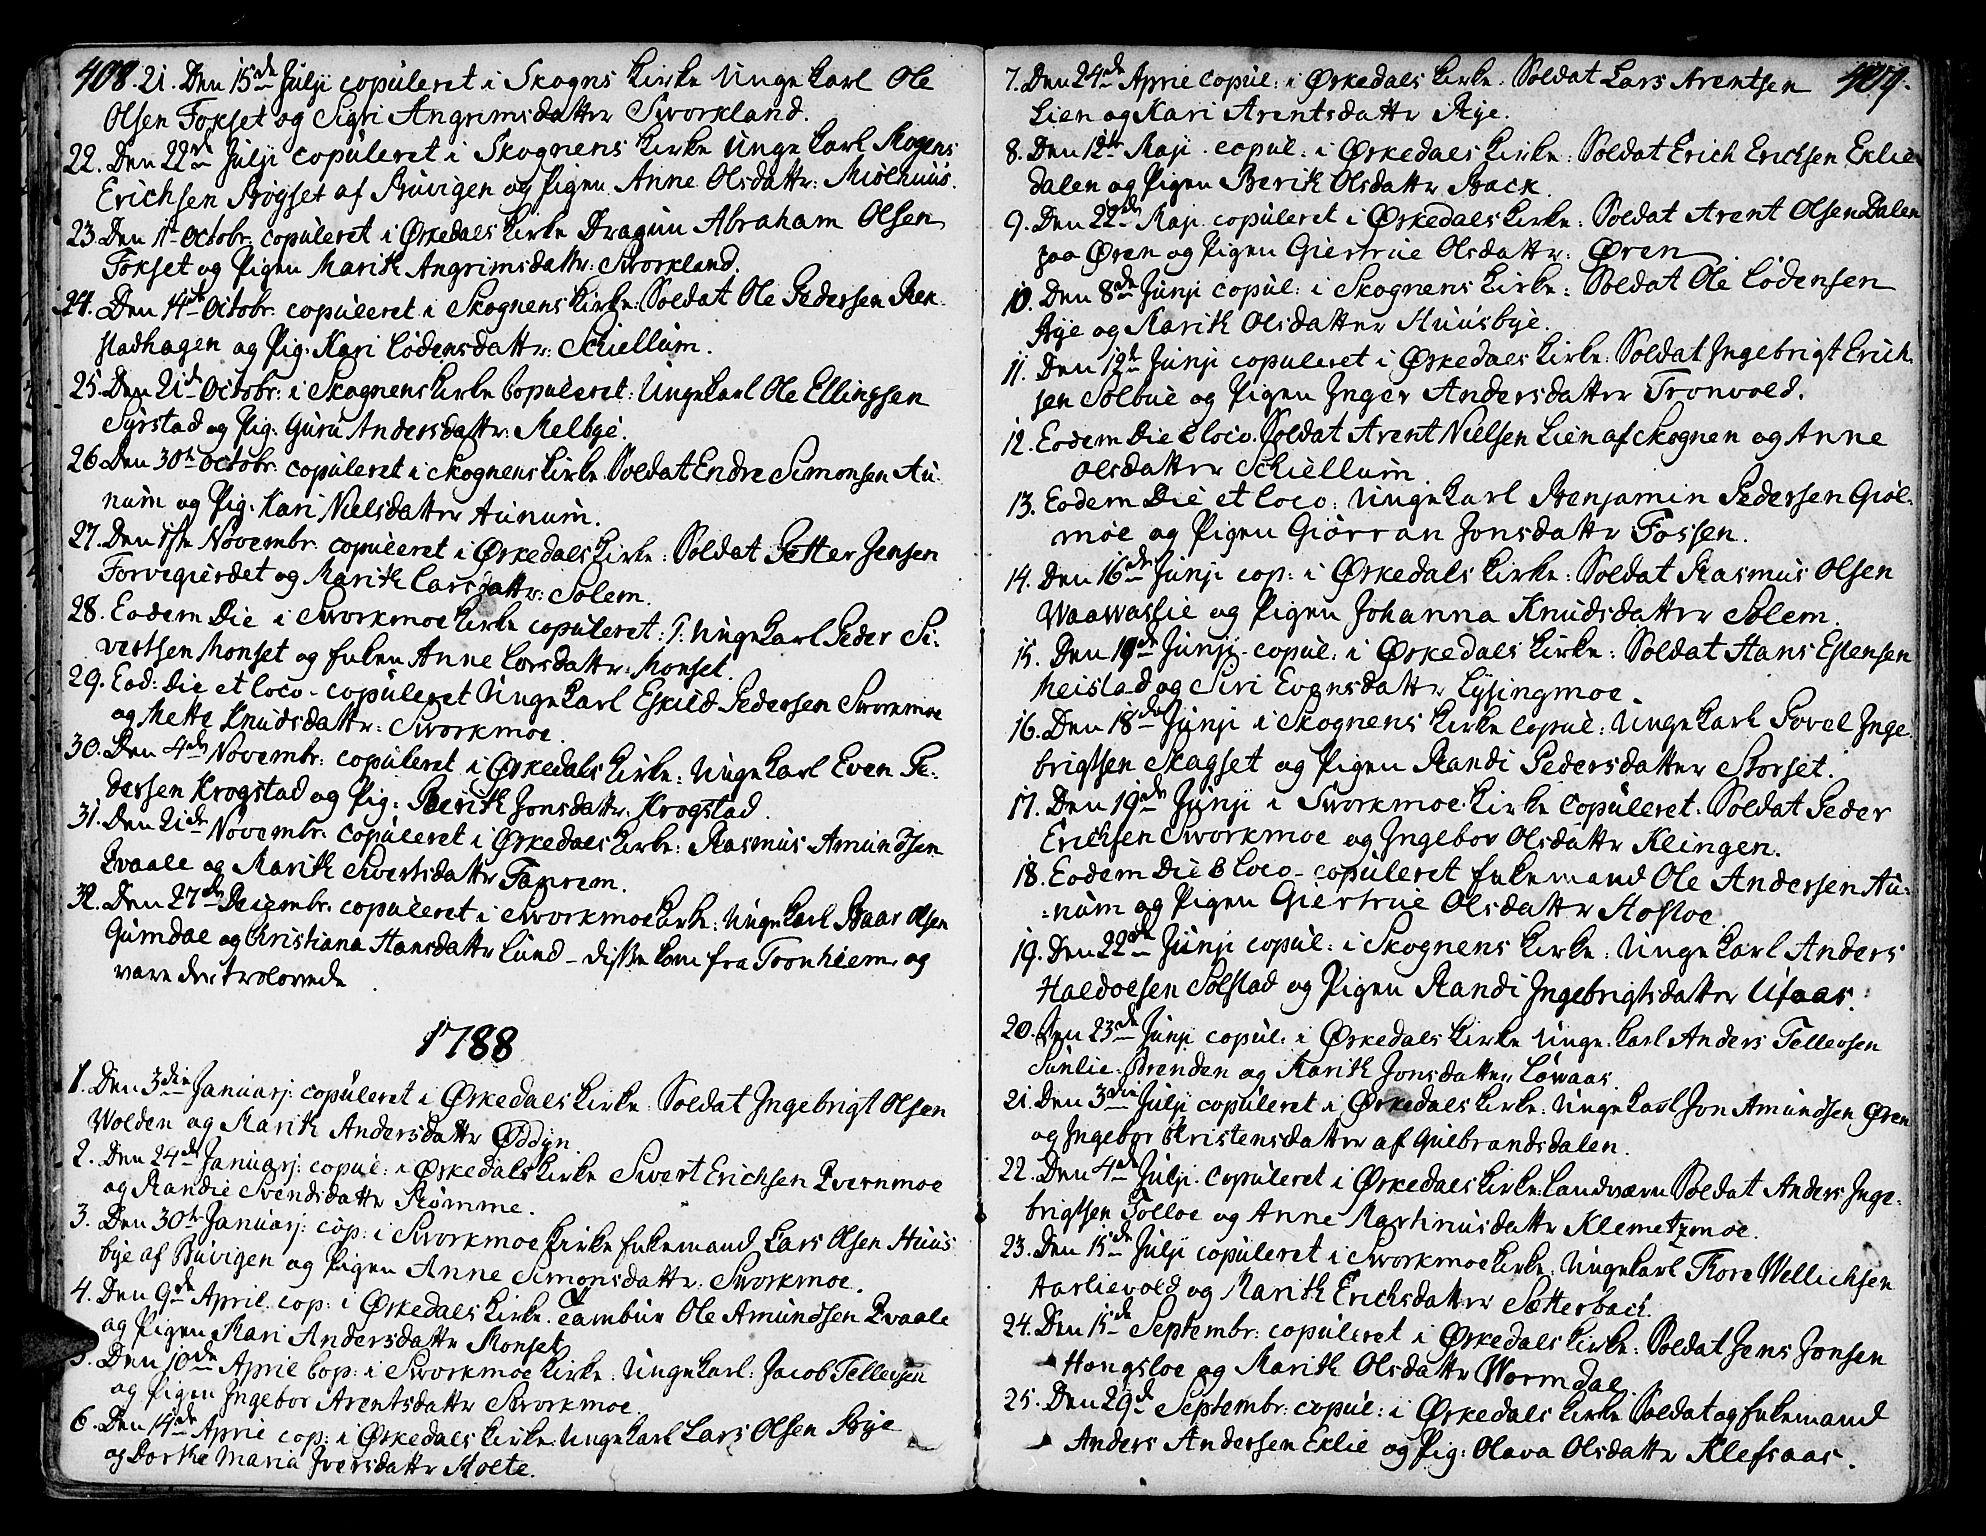 SAT, Ministerialprotokoller, klokkerbøker og fødselsregistre - Sør-Trøndelag, 668/L0802: Ministerialbok nr. 668A02, 1776-1799, s. 408-409